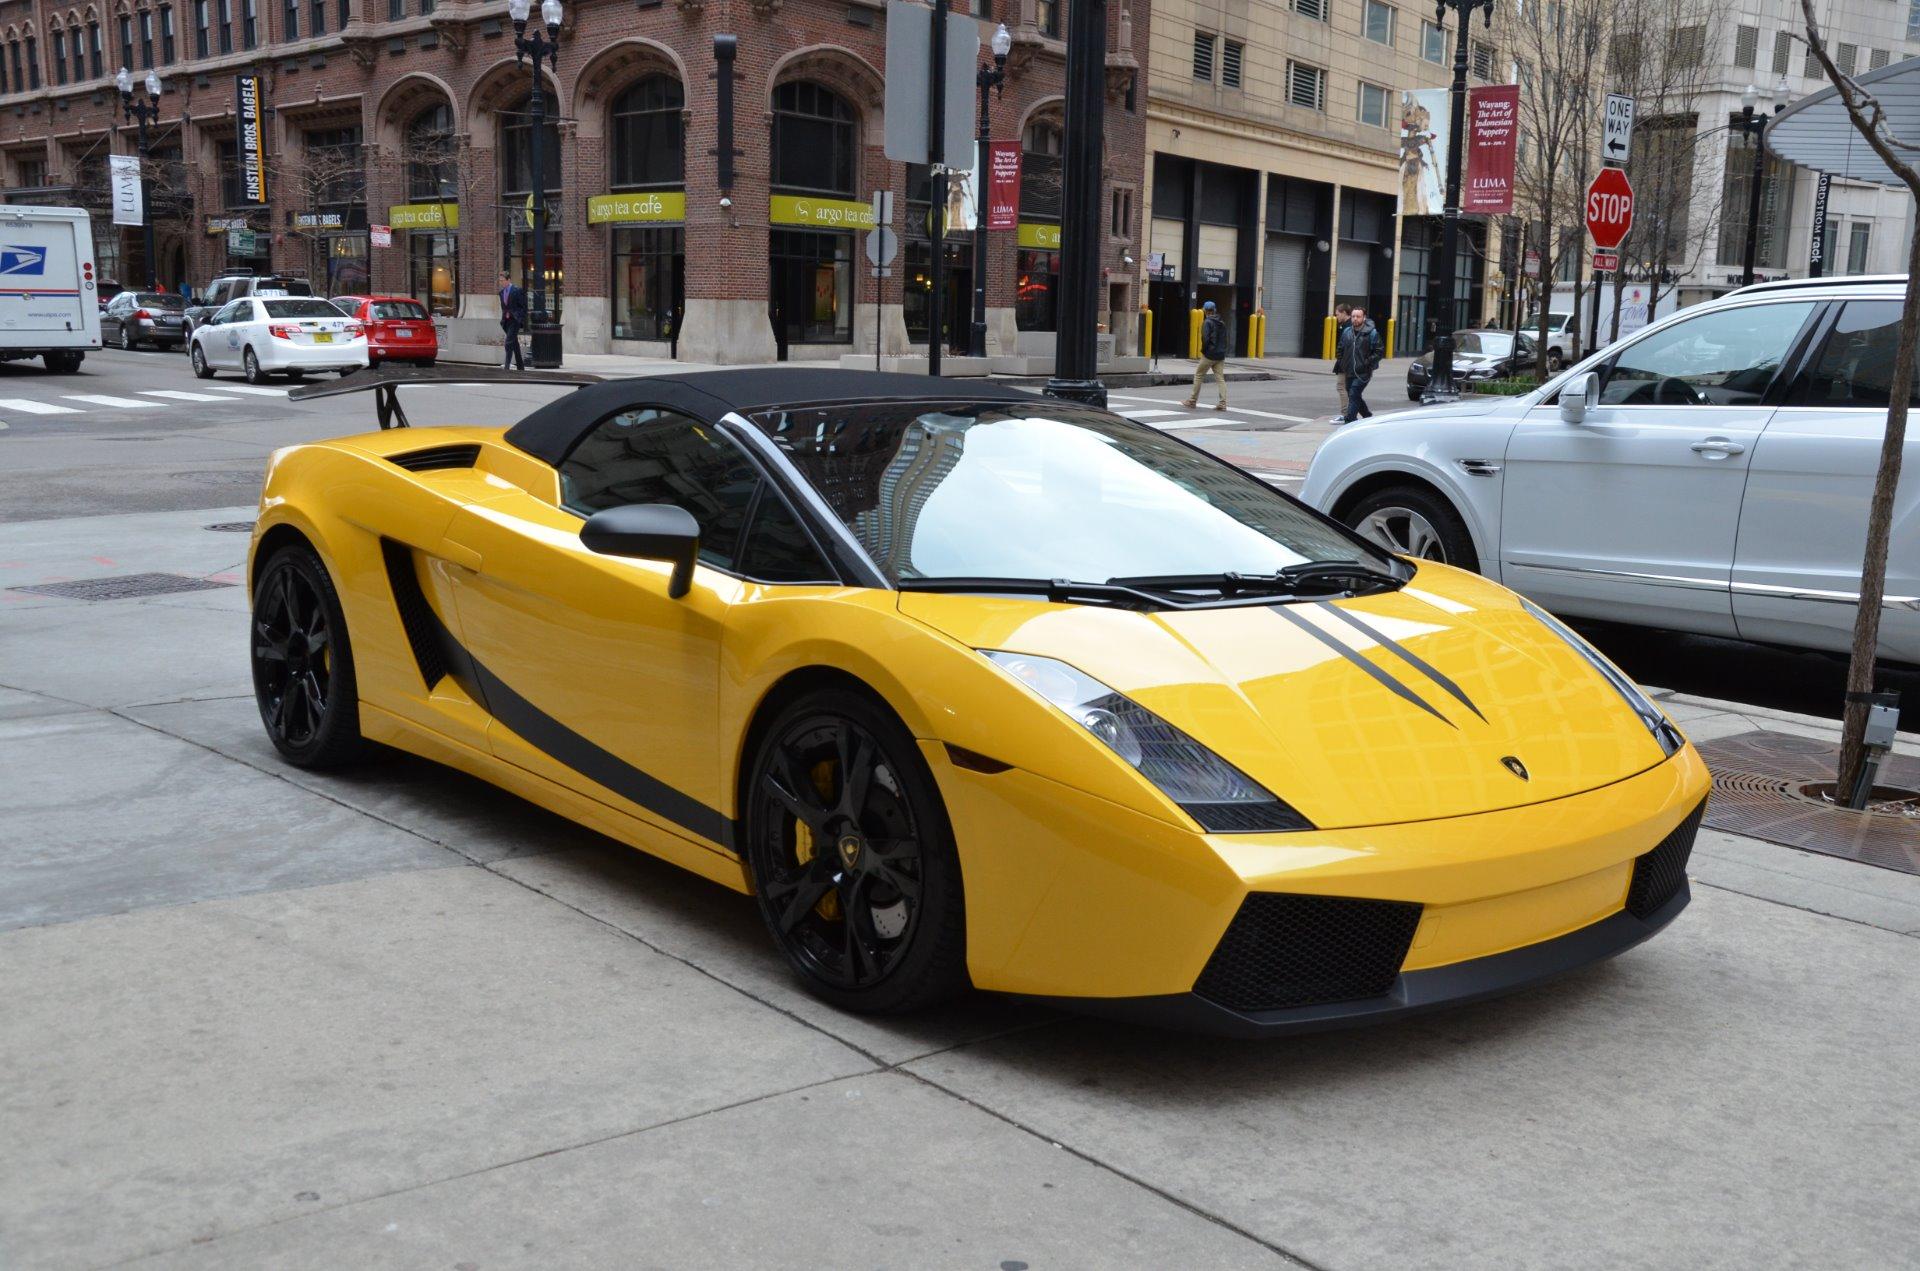 Used 2008 Lamborghini Gallardo Spyder Spyder | Chicago, IL